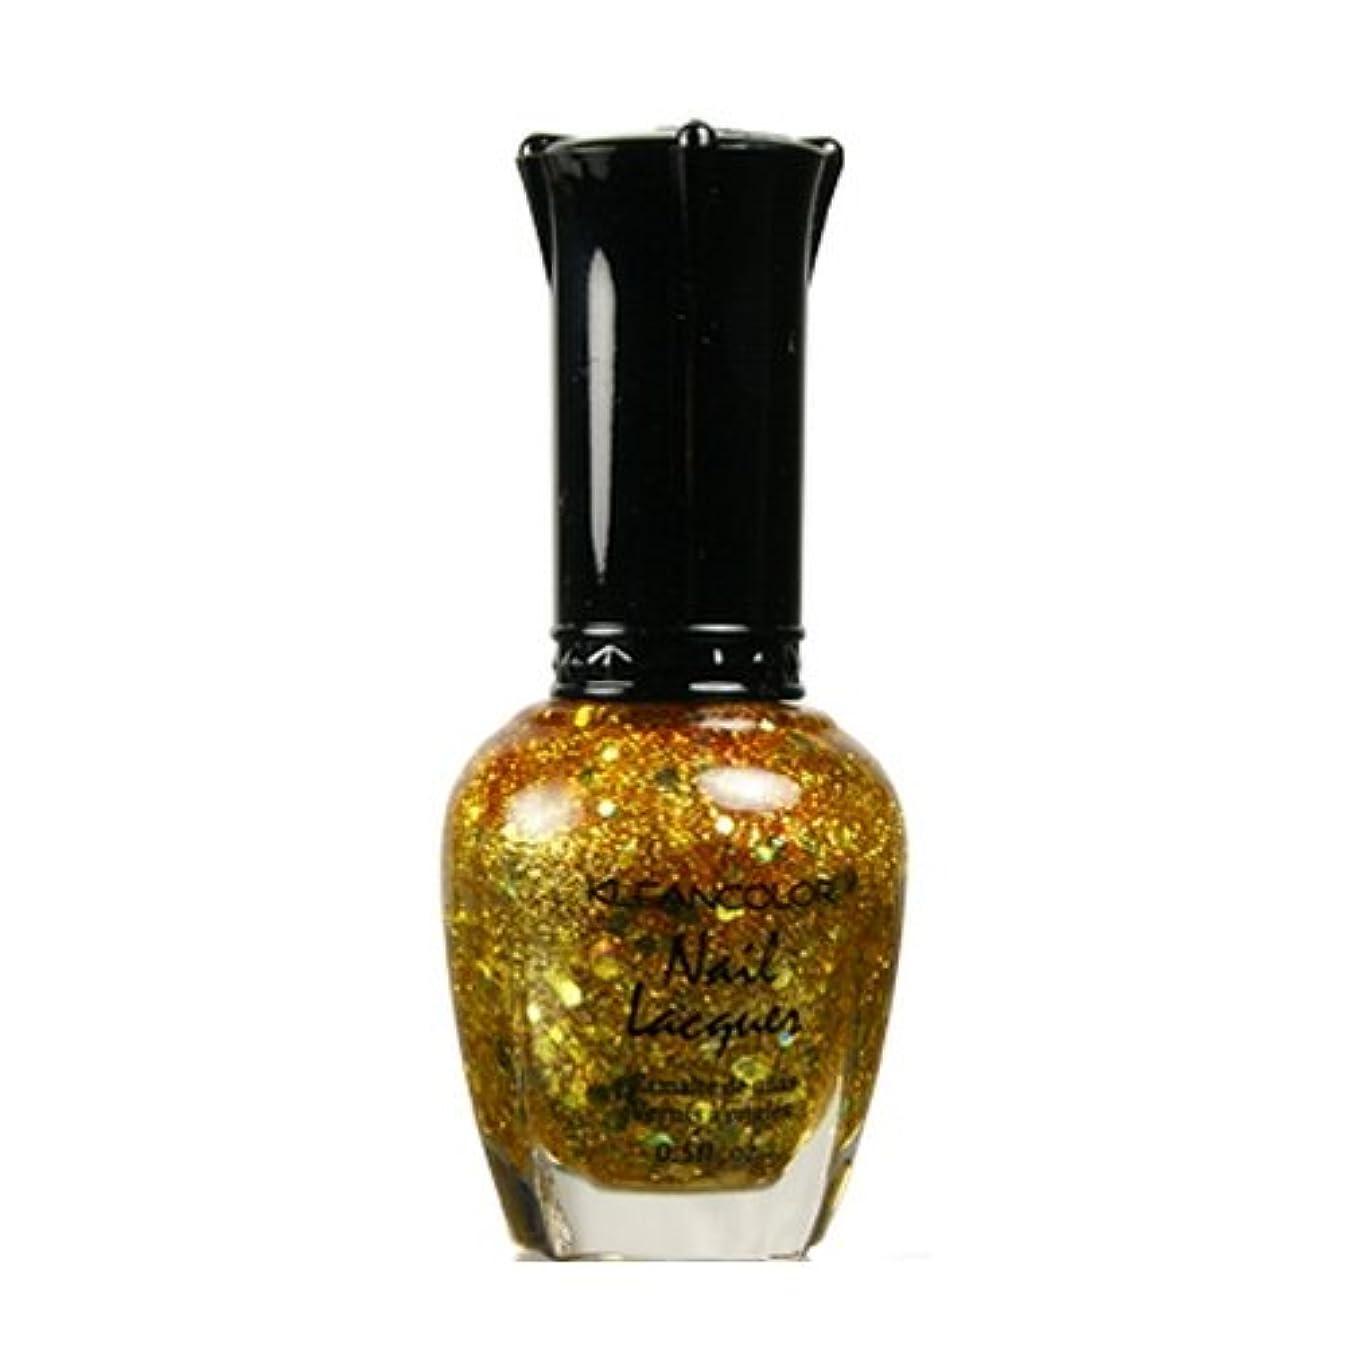 資格情報厄介な競う(6 Pack) KLEANCOLOR Nail Lacquer 4 - Gold Caviar (並行輸入品)